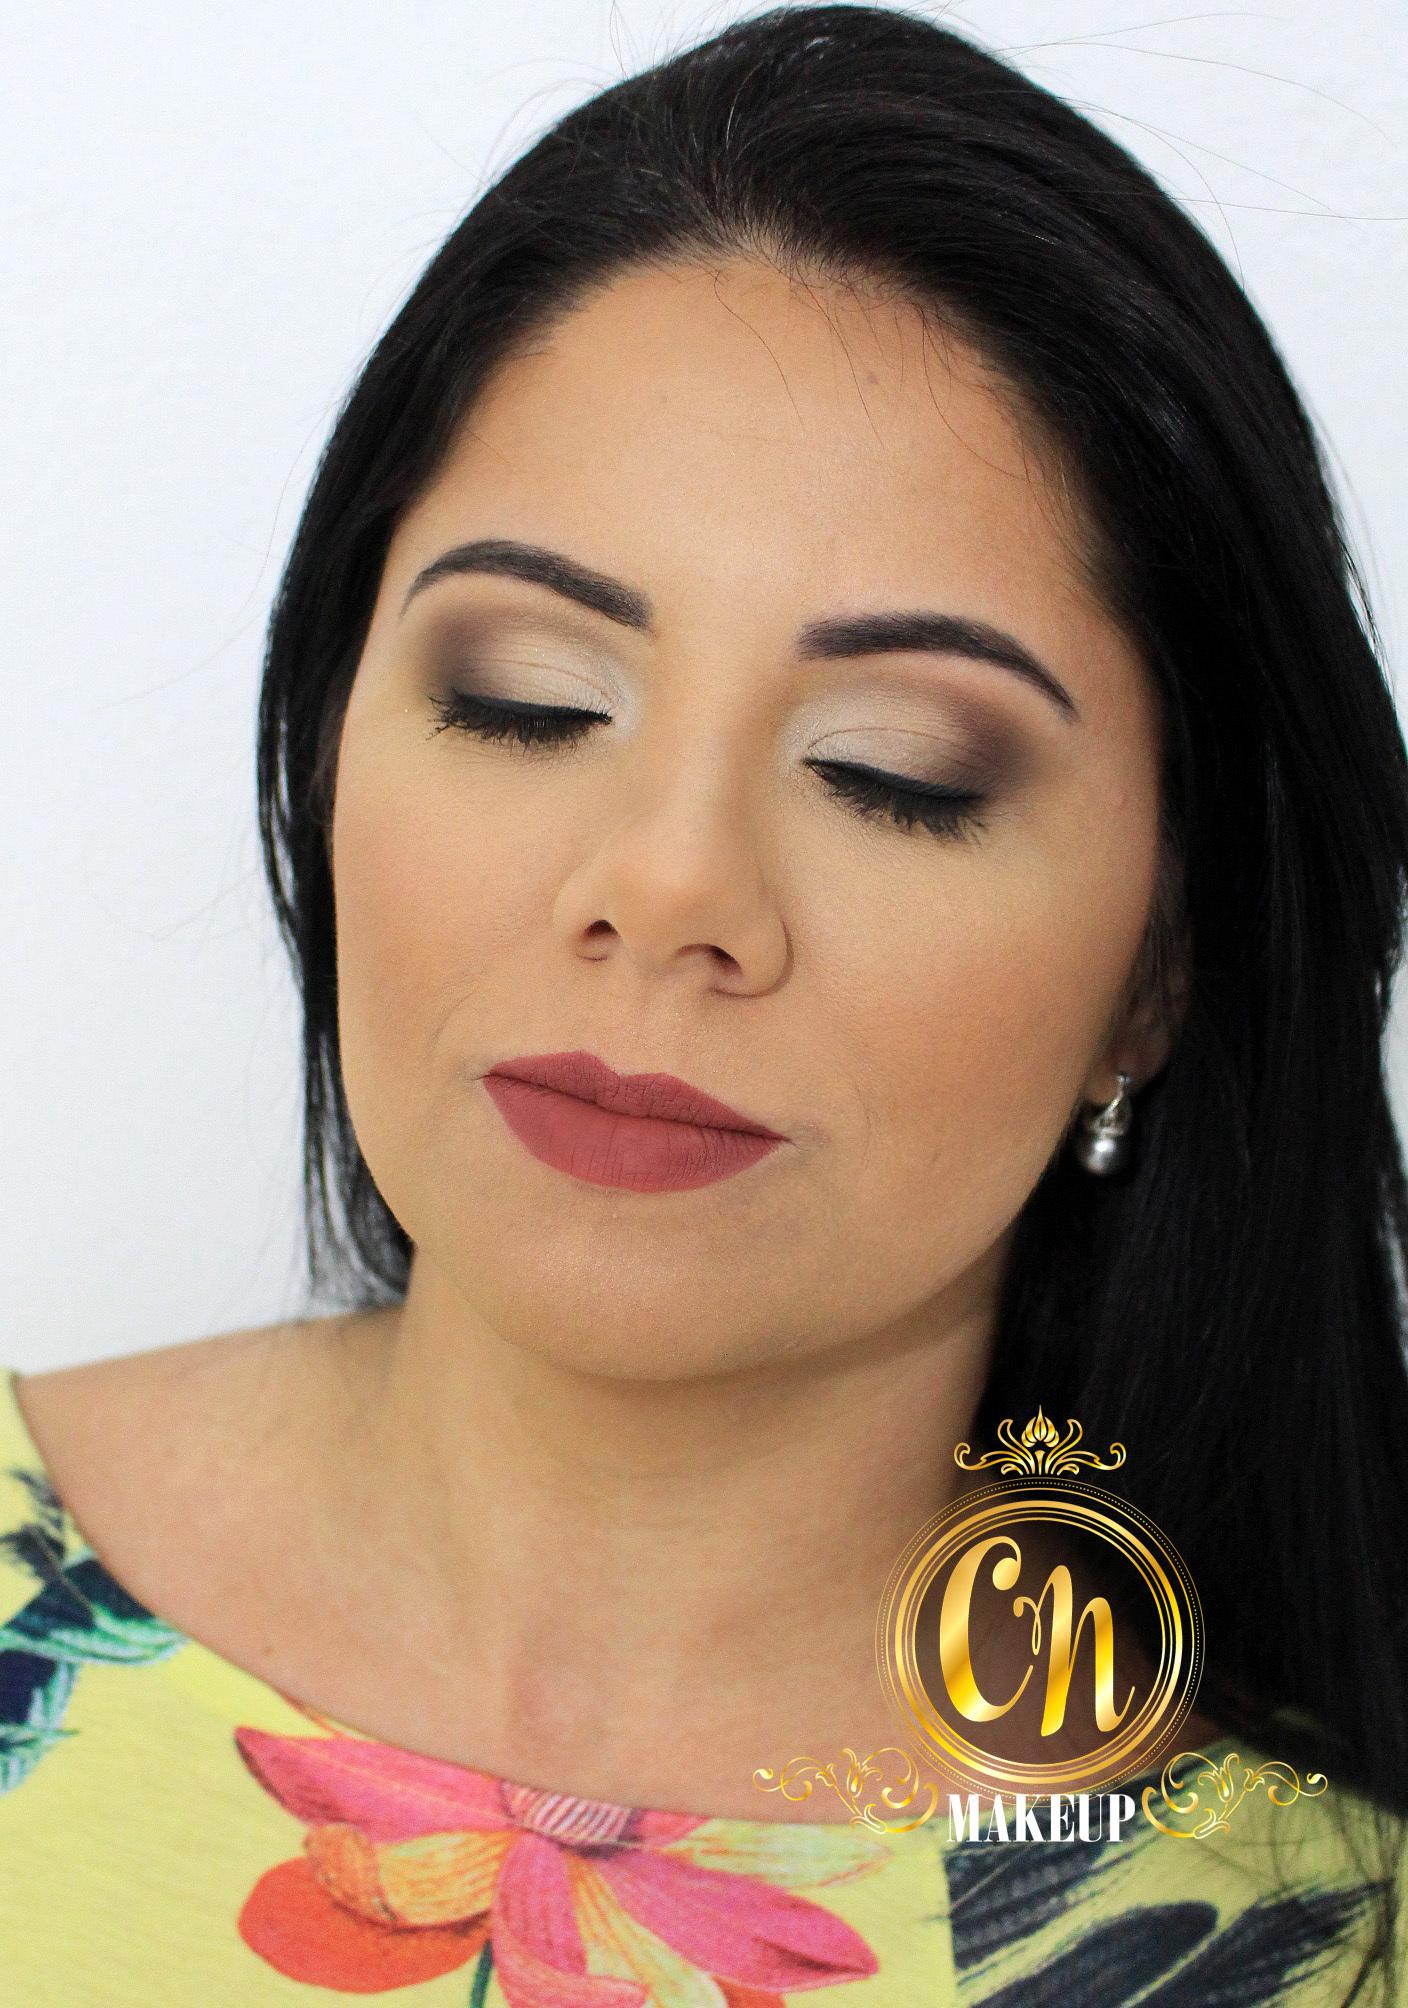 Também faço maquiagens para eventos casuais diurnos, como reuniões, encontro com amigos, e vários outros. Maquiagem leve e neutra!  #maquiagemneutra #maquiagemdia #makeup #maquiagemleve  maquiagem maquiador(a)